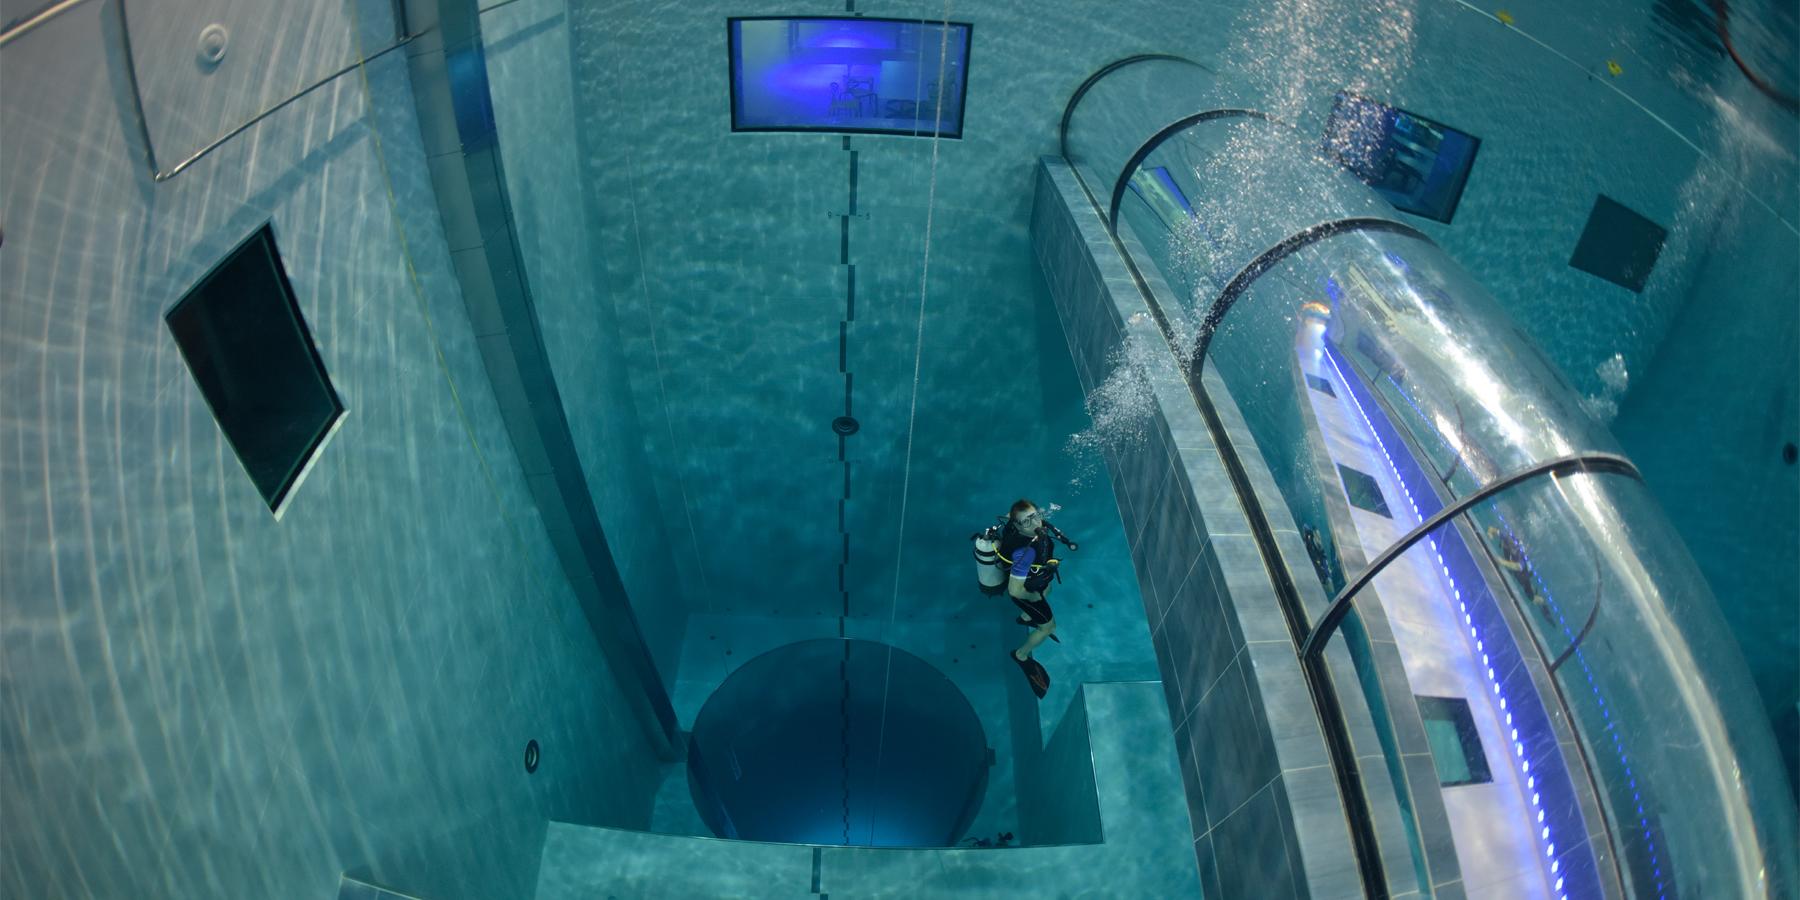 Les fosses de plong e de 20 m tres en france plongez for Accessoire piscine dijon